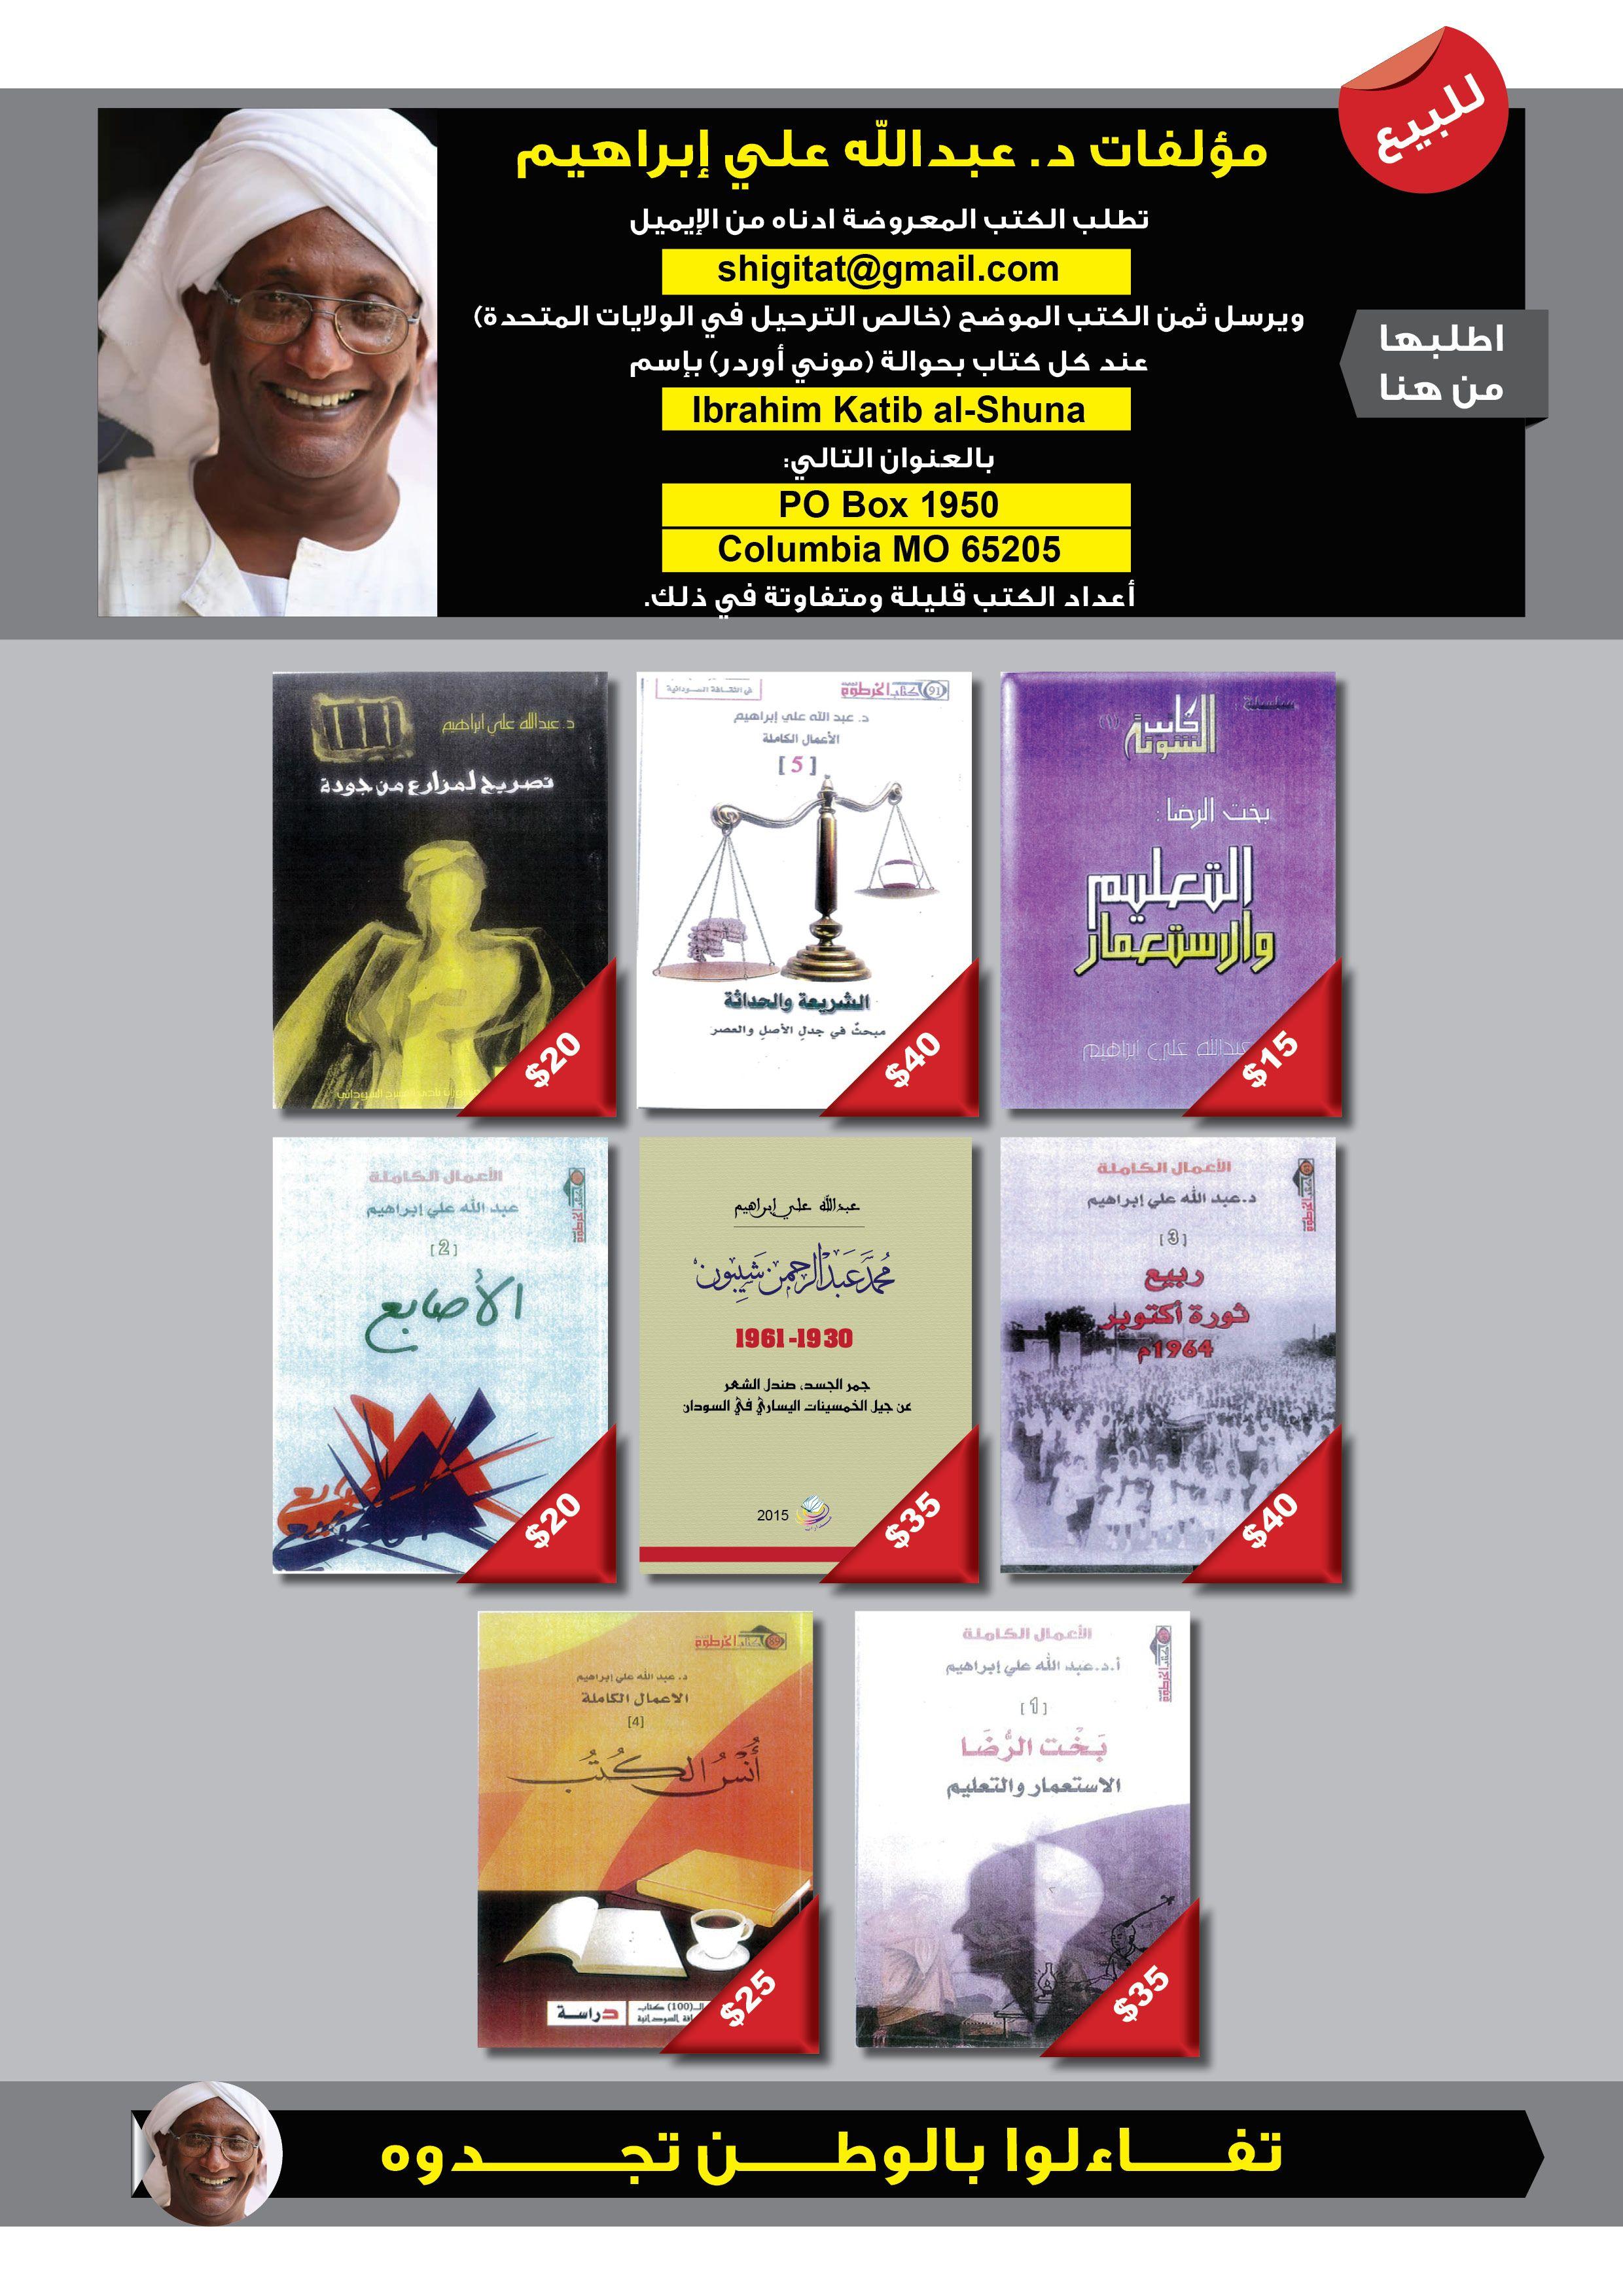 مؤلفات د. عبدالله علي إبراهيم للبيع